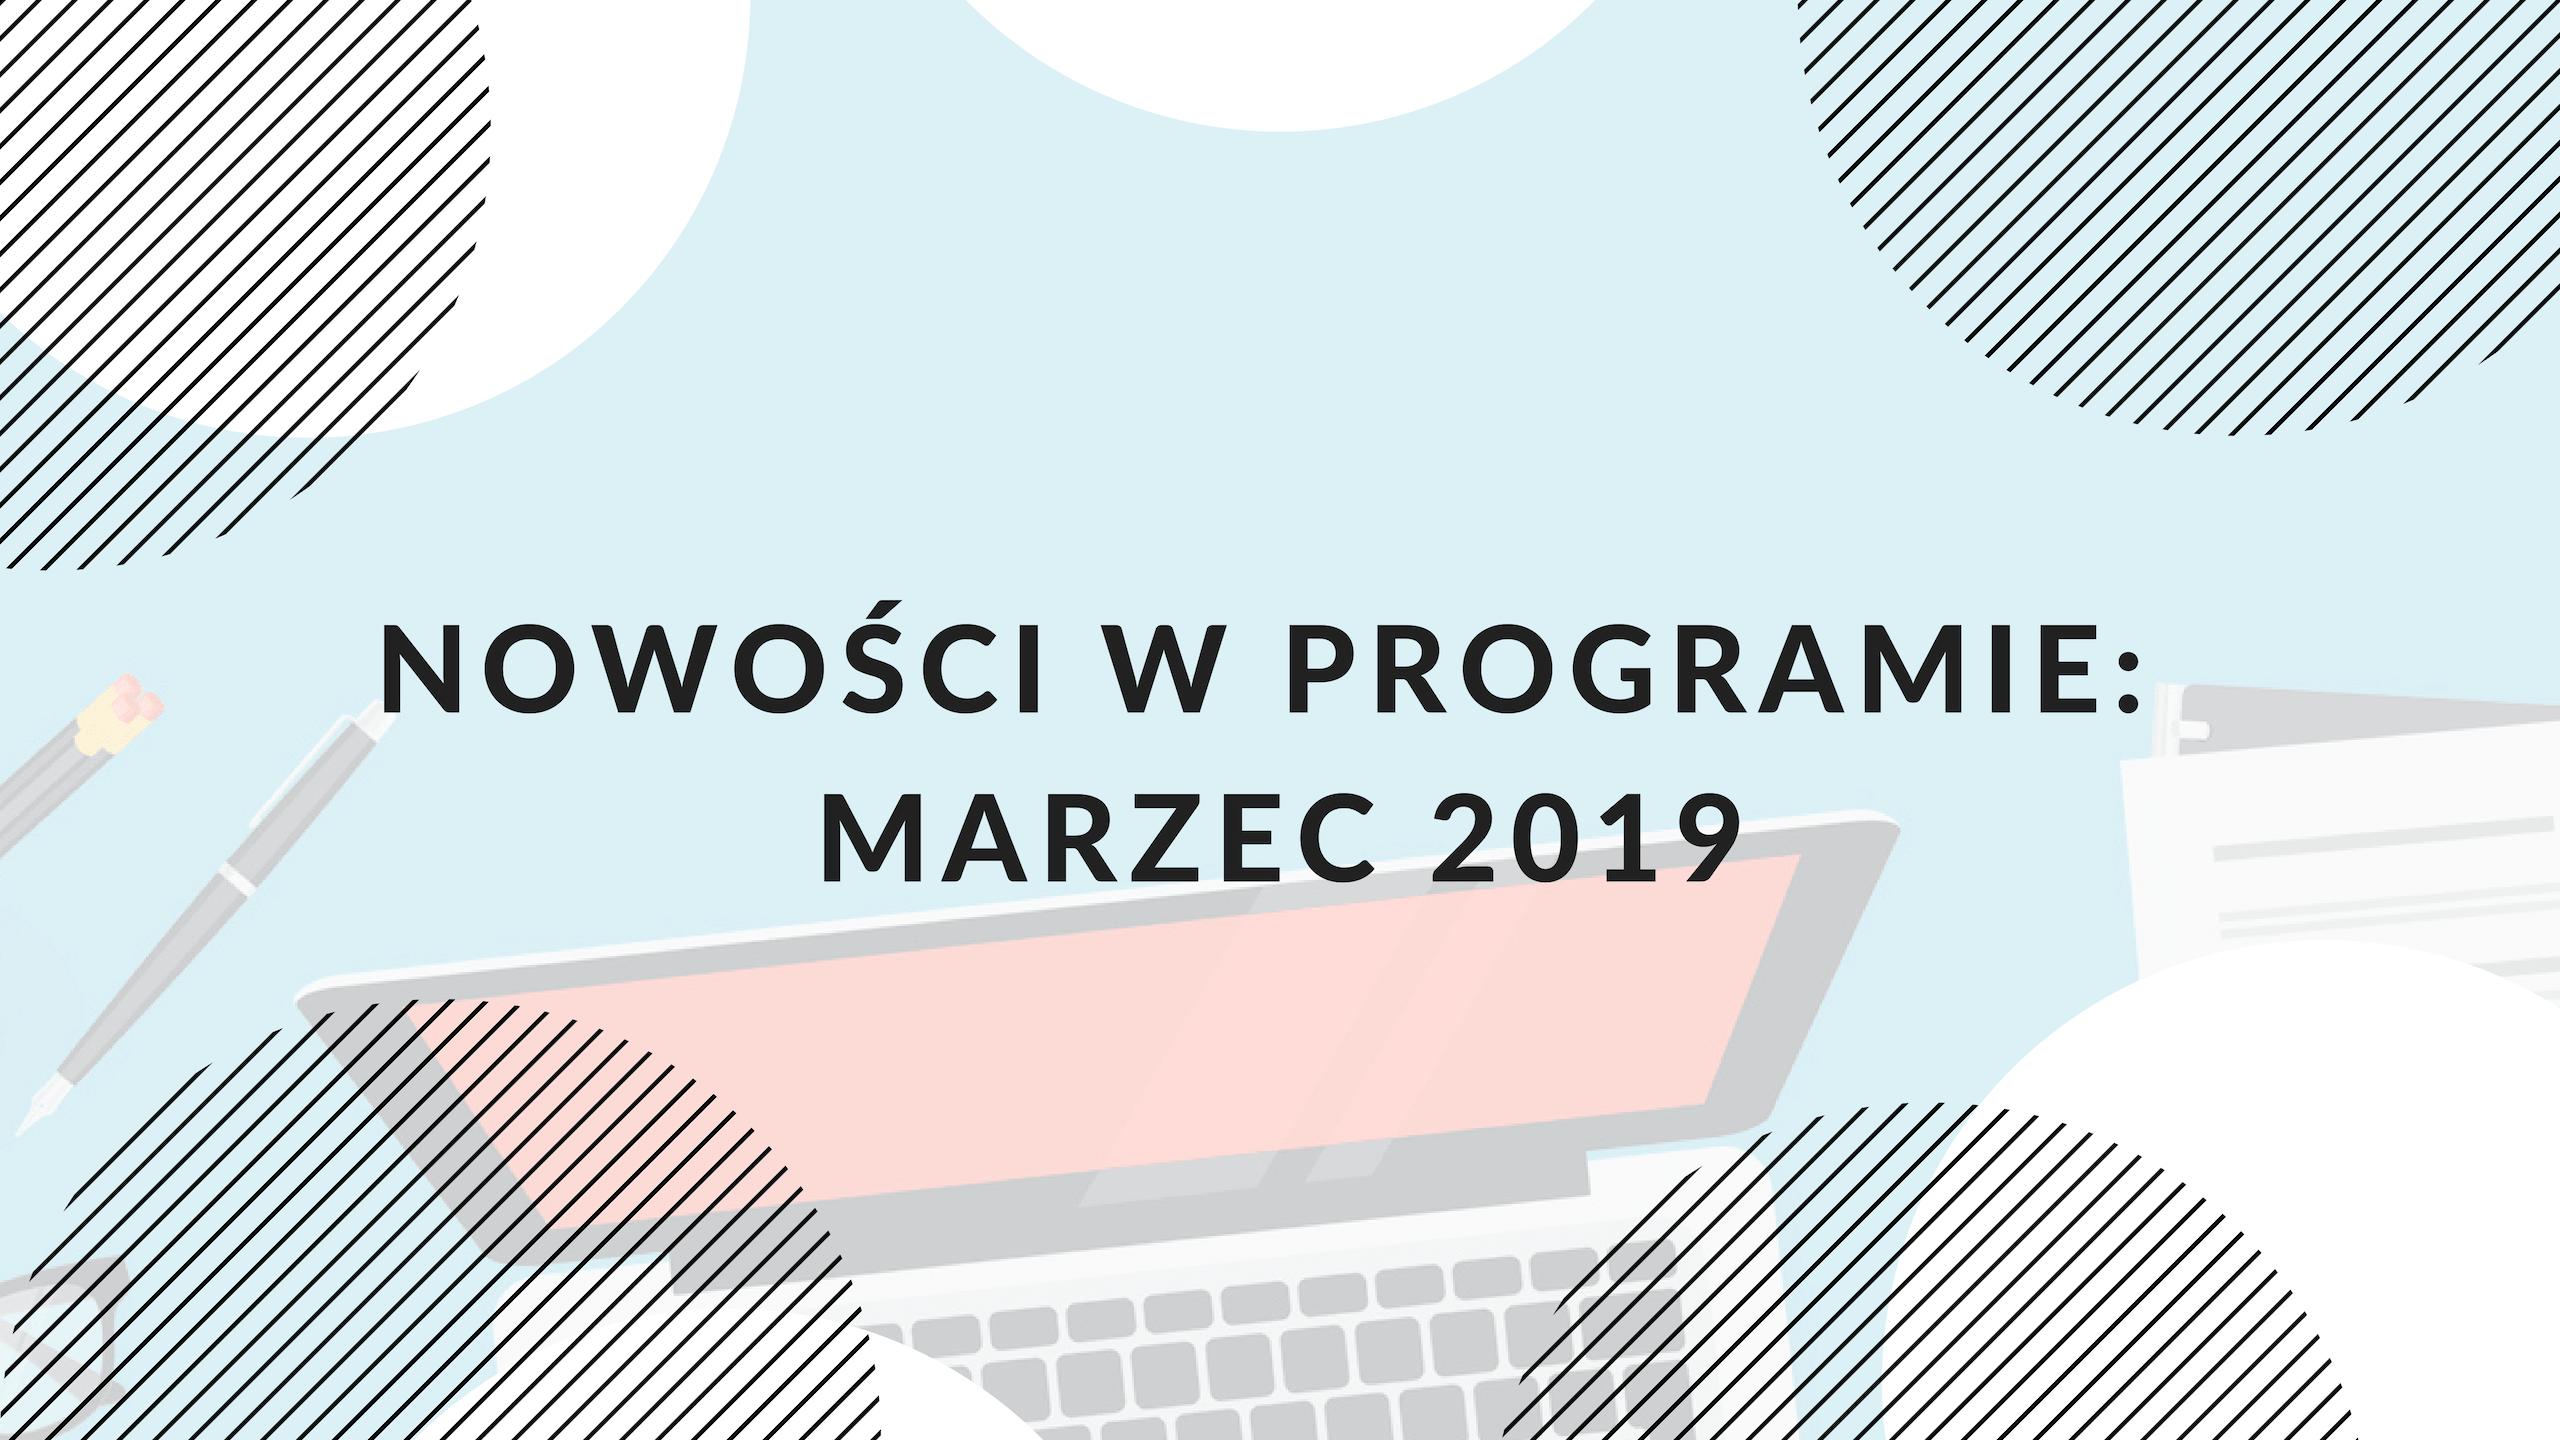 Nowe funkcjonalności w programie: marzec 2019